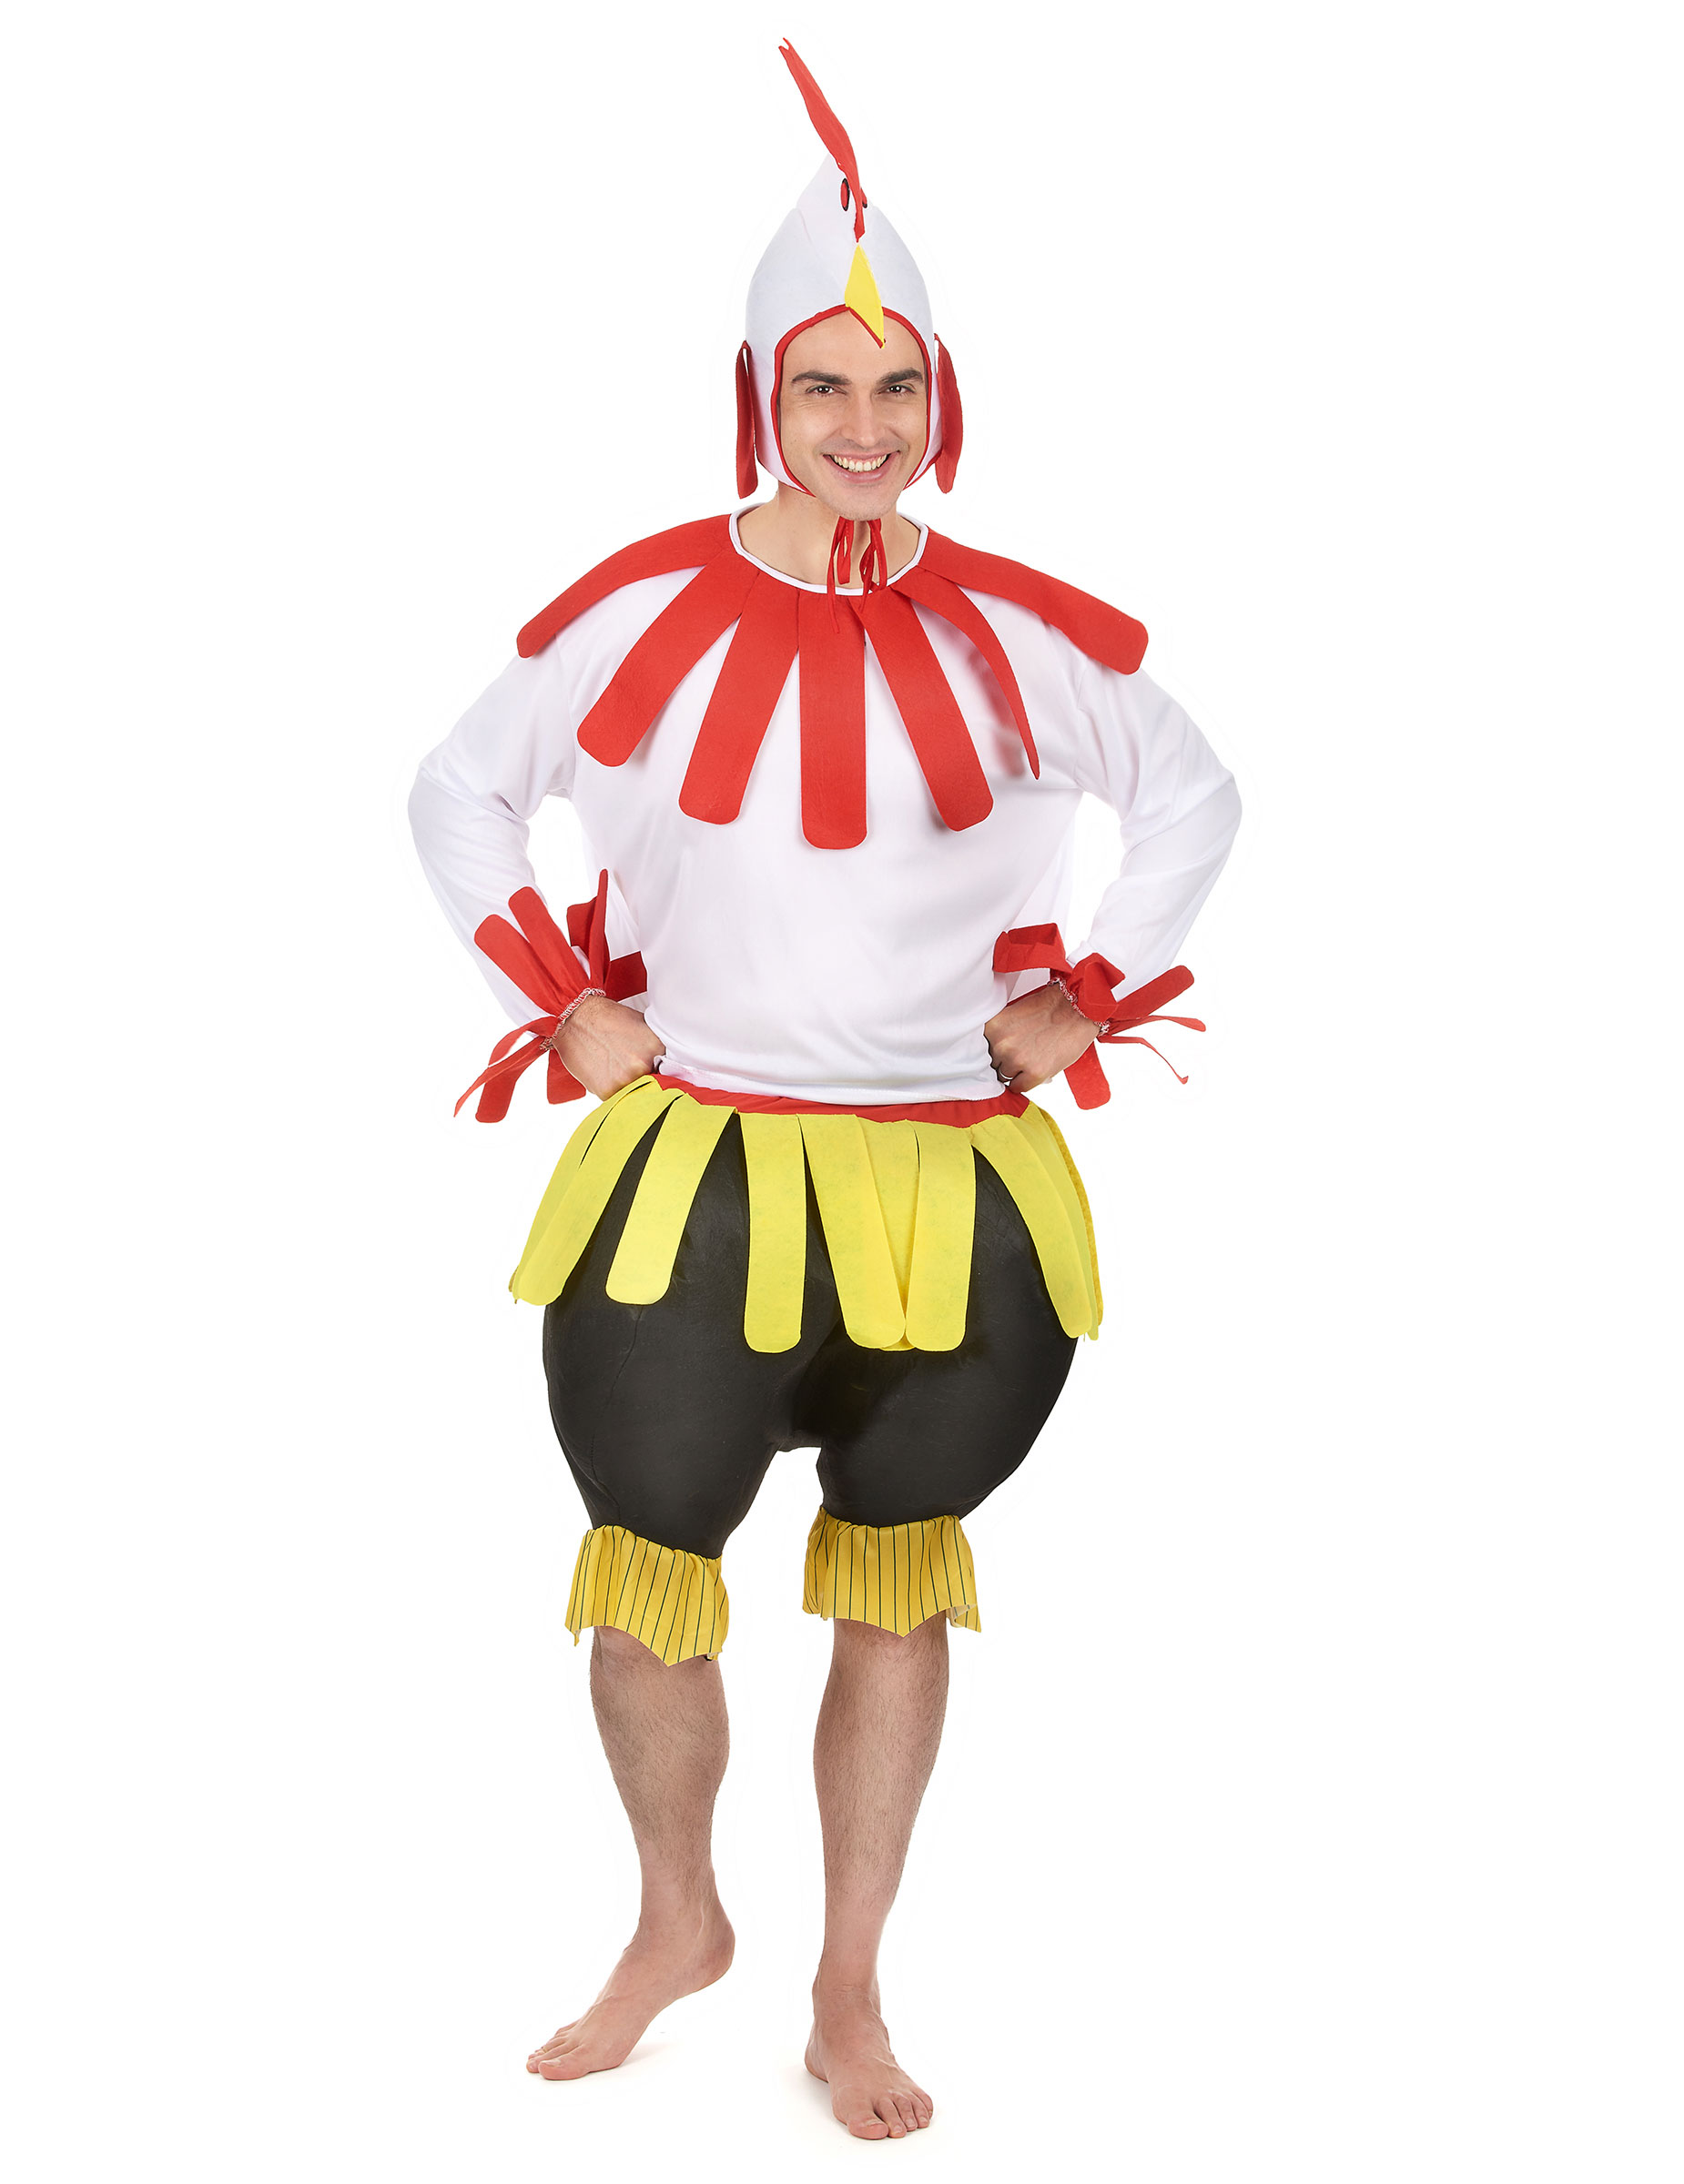 D guisement coq adulte deguise toi achat de d guisements adultes - Deguisement en o ...